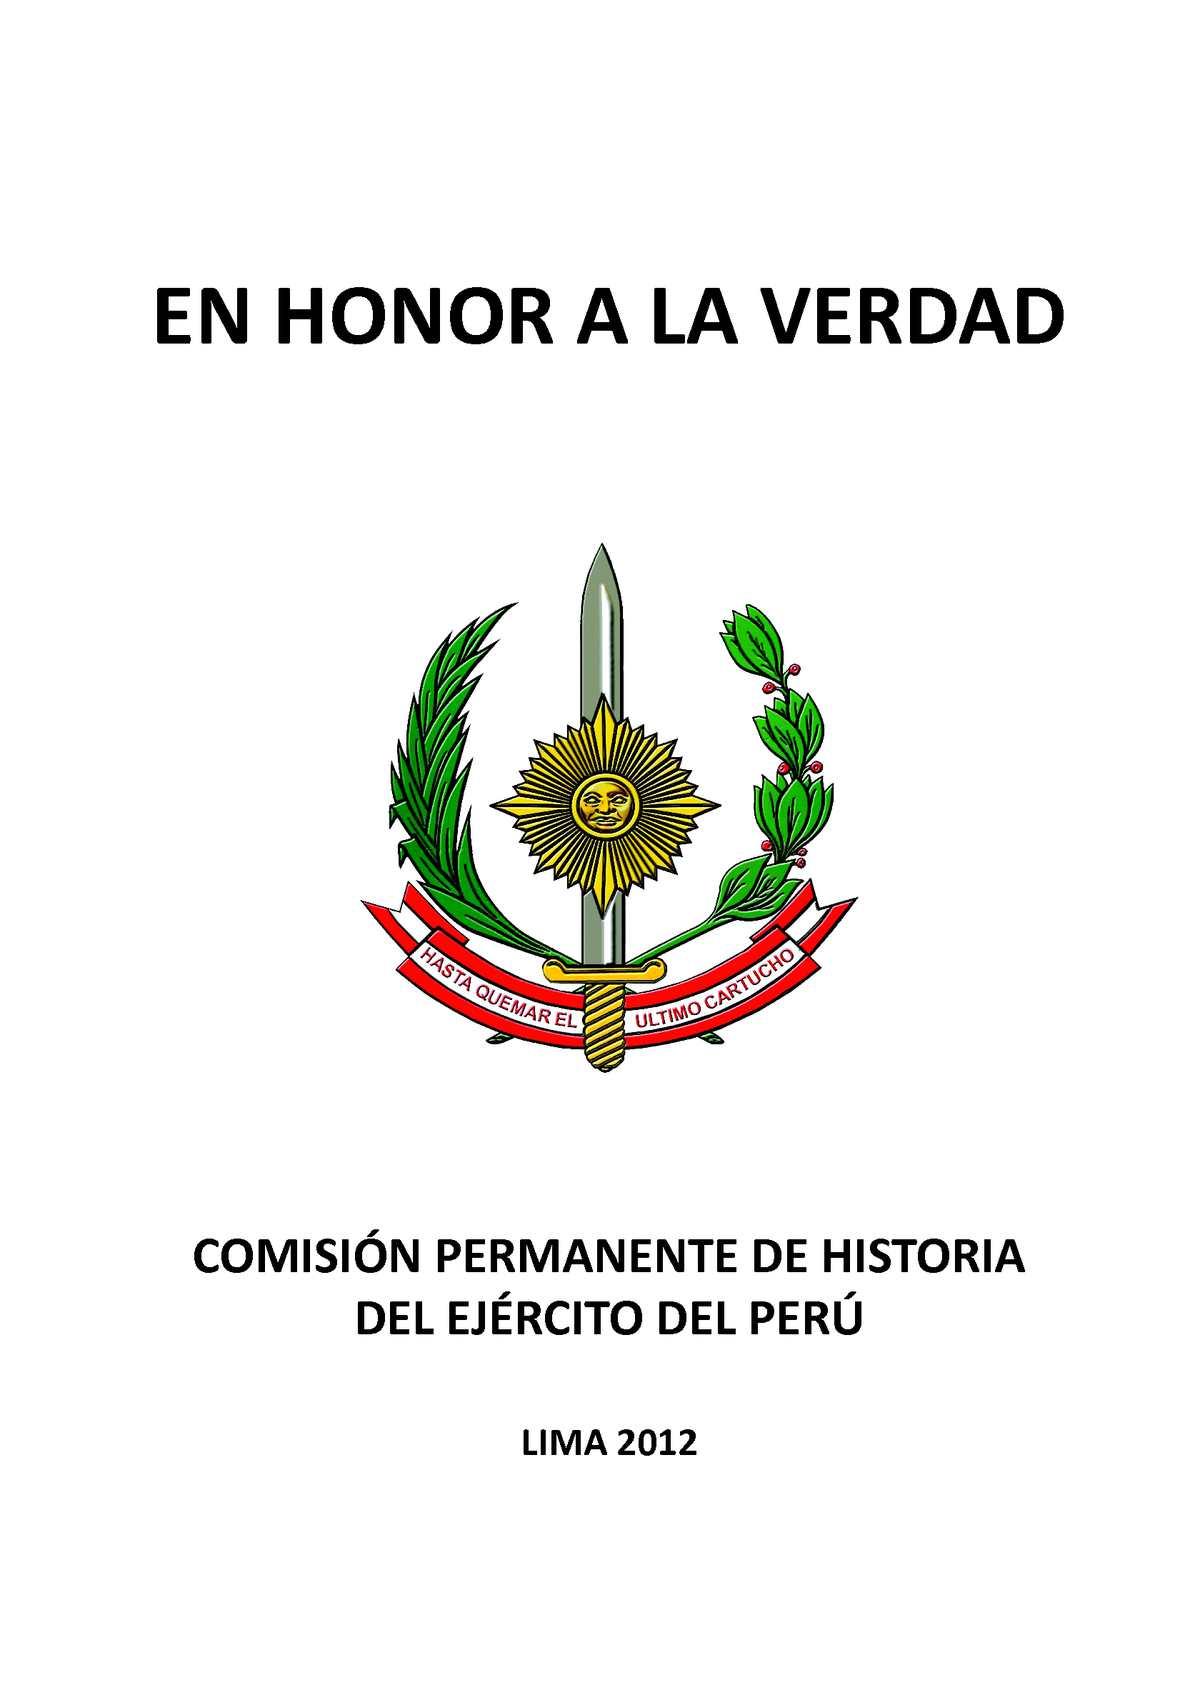 EN HONOR A LA VERDAD 19 JUNIO 2012 (FINAL)